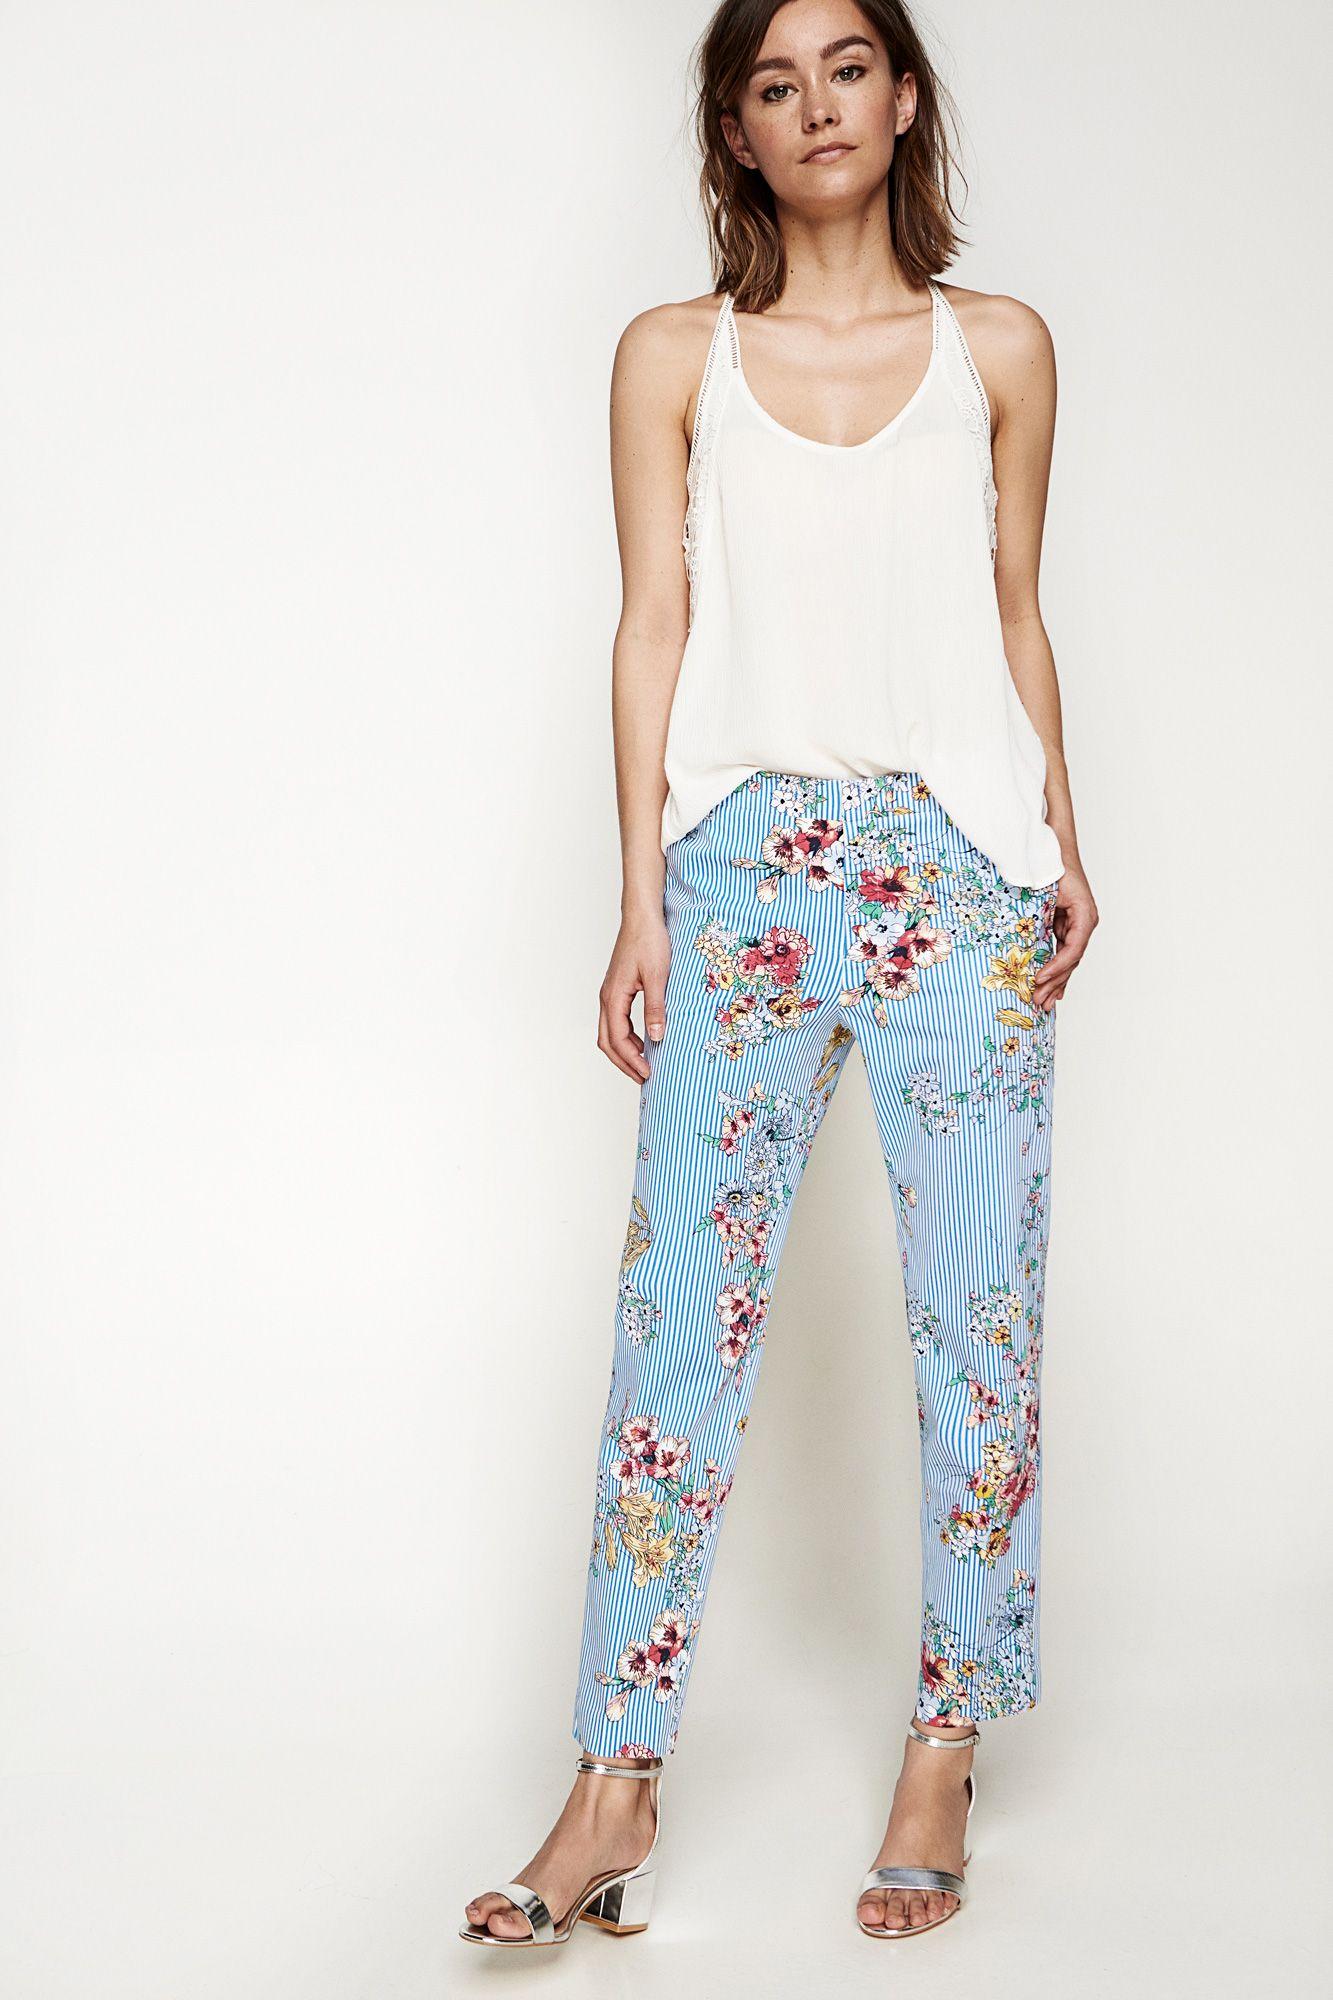 Pantalón chino, con bolsillows en los laterales, con falsos